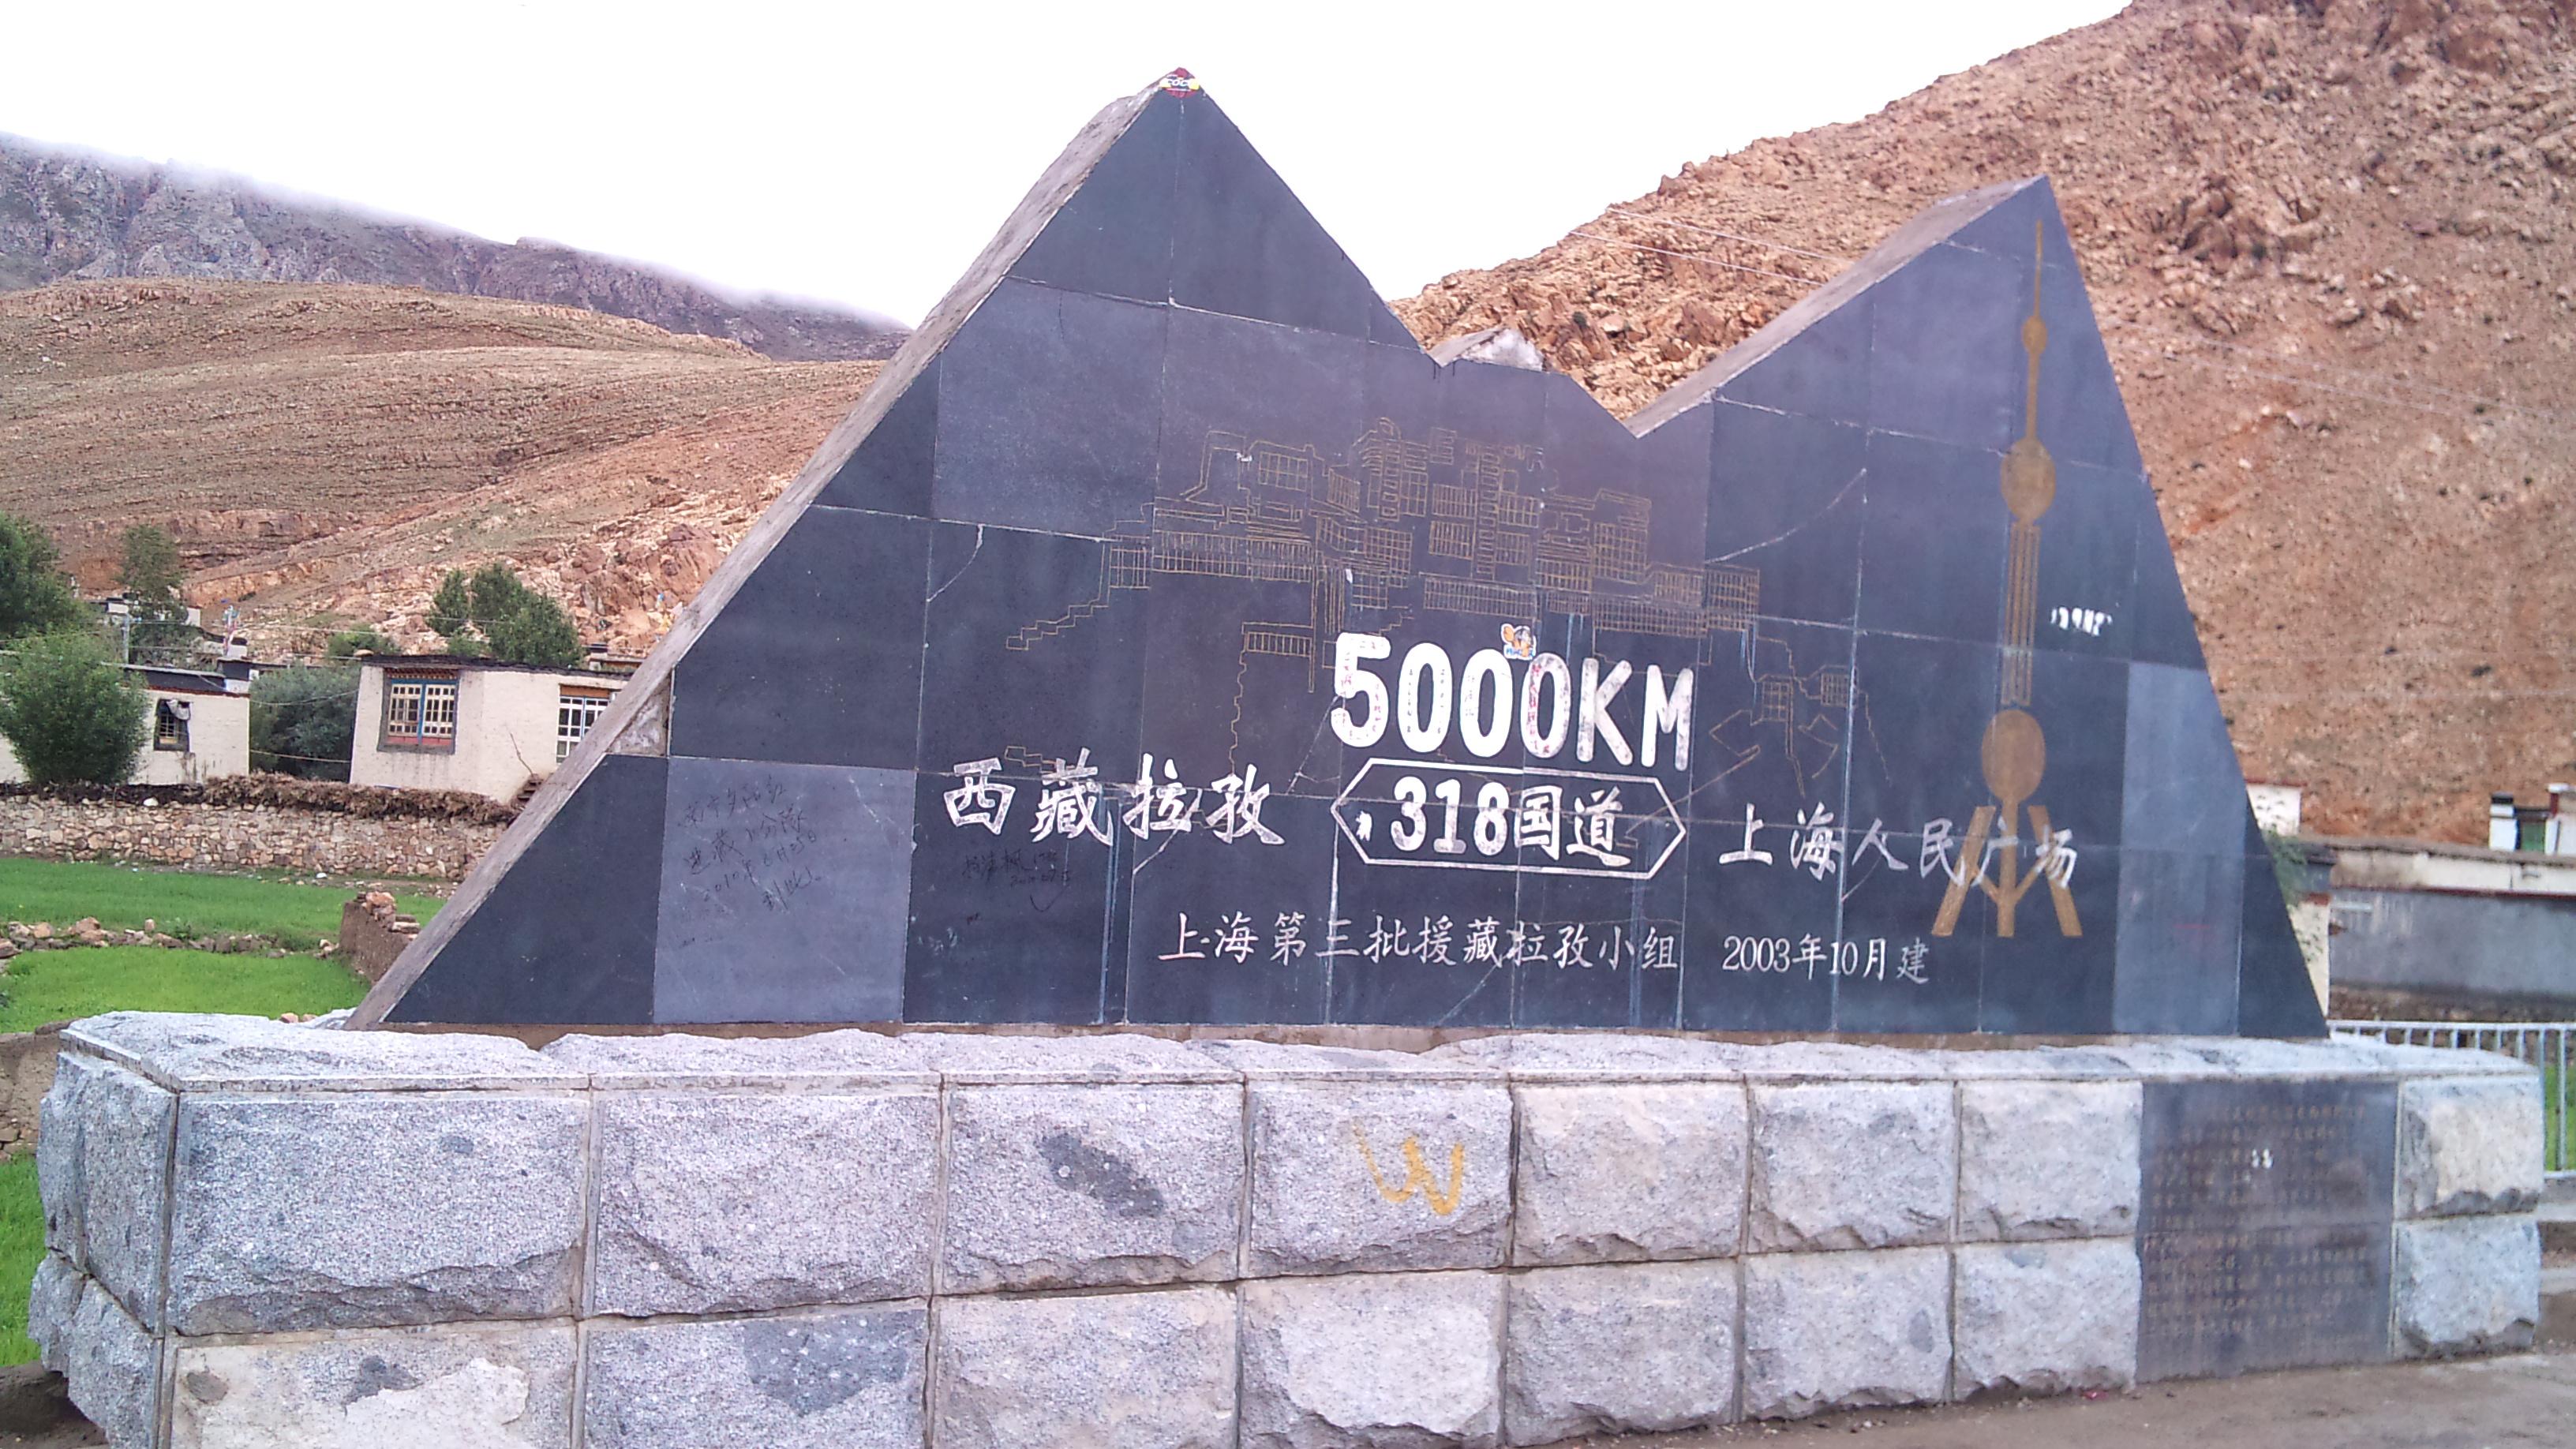 318国道5000公里纪念碑. 大美西藏 火车 游船 越野全